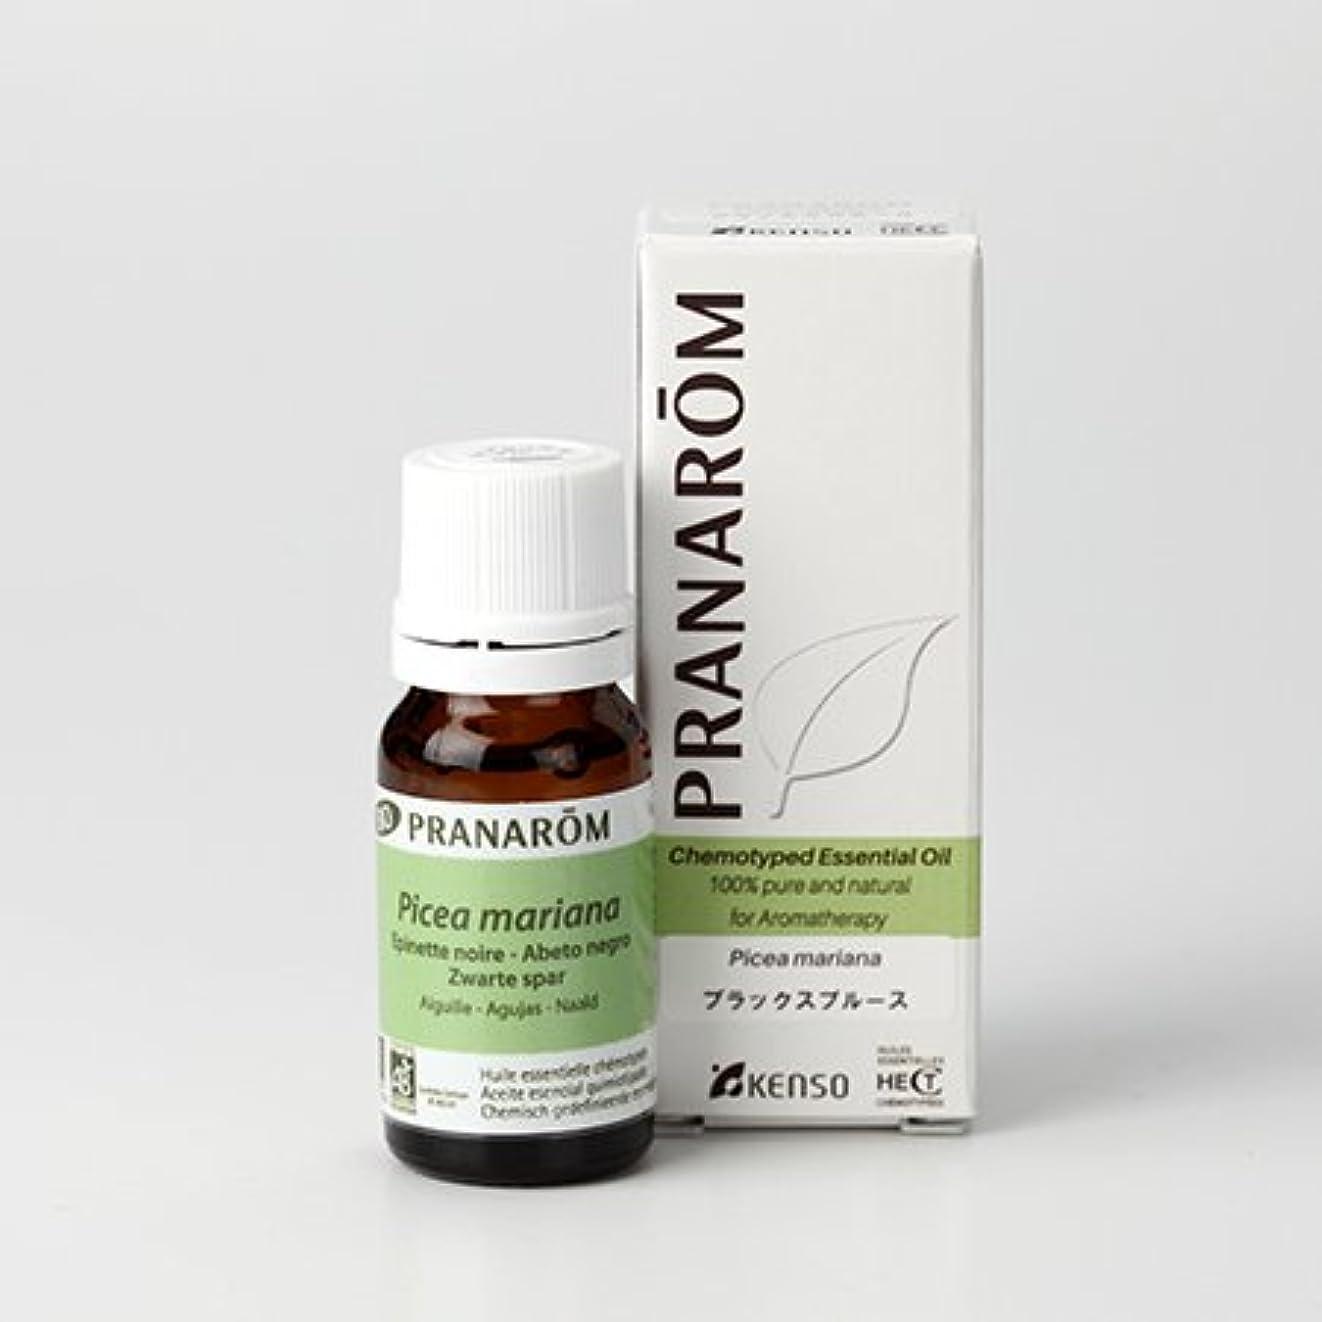 フォーム上院薄汚いプラナロム ( PRANAROM ) 精油 ブラックスプルース 10ml p-146